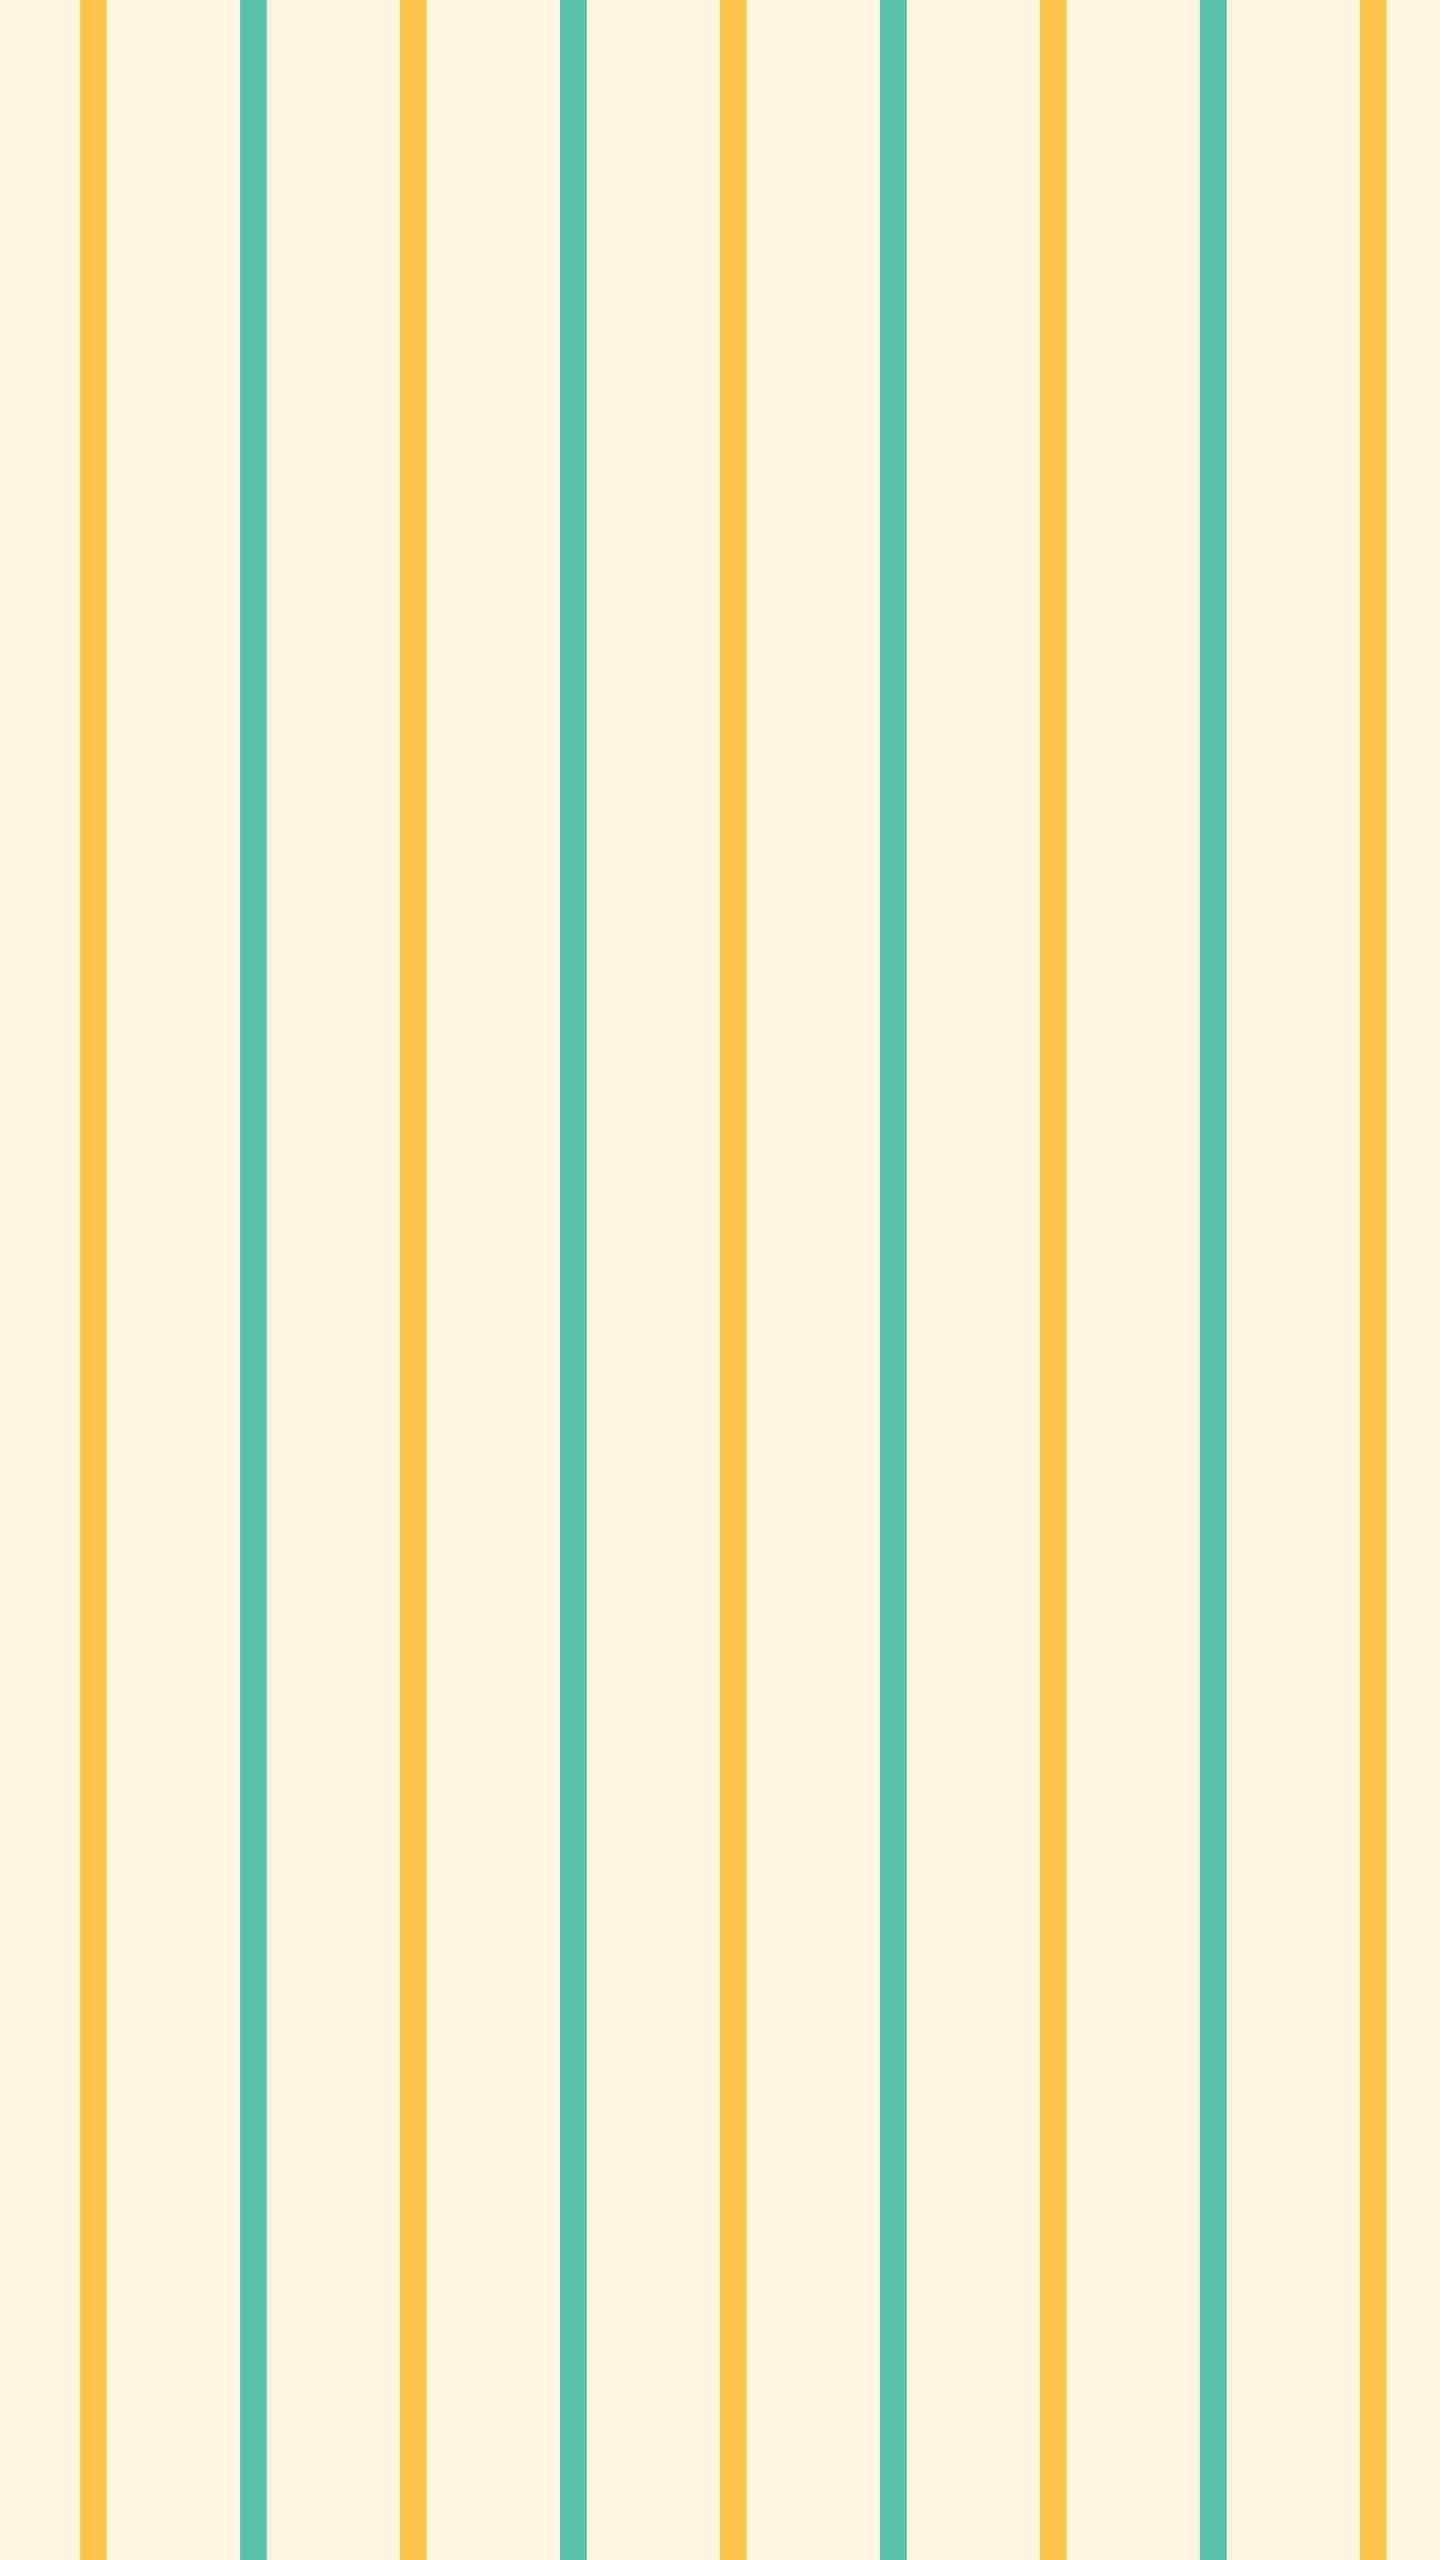 smart phone wqhd wallpaper